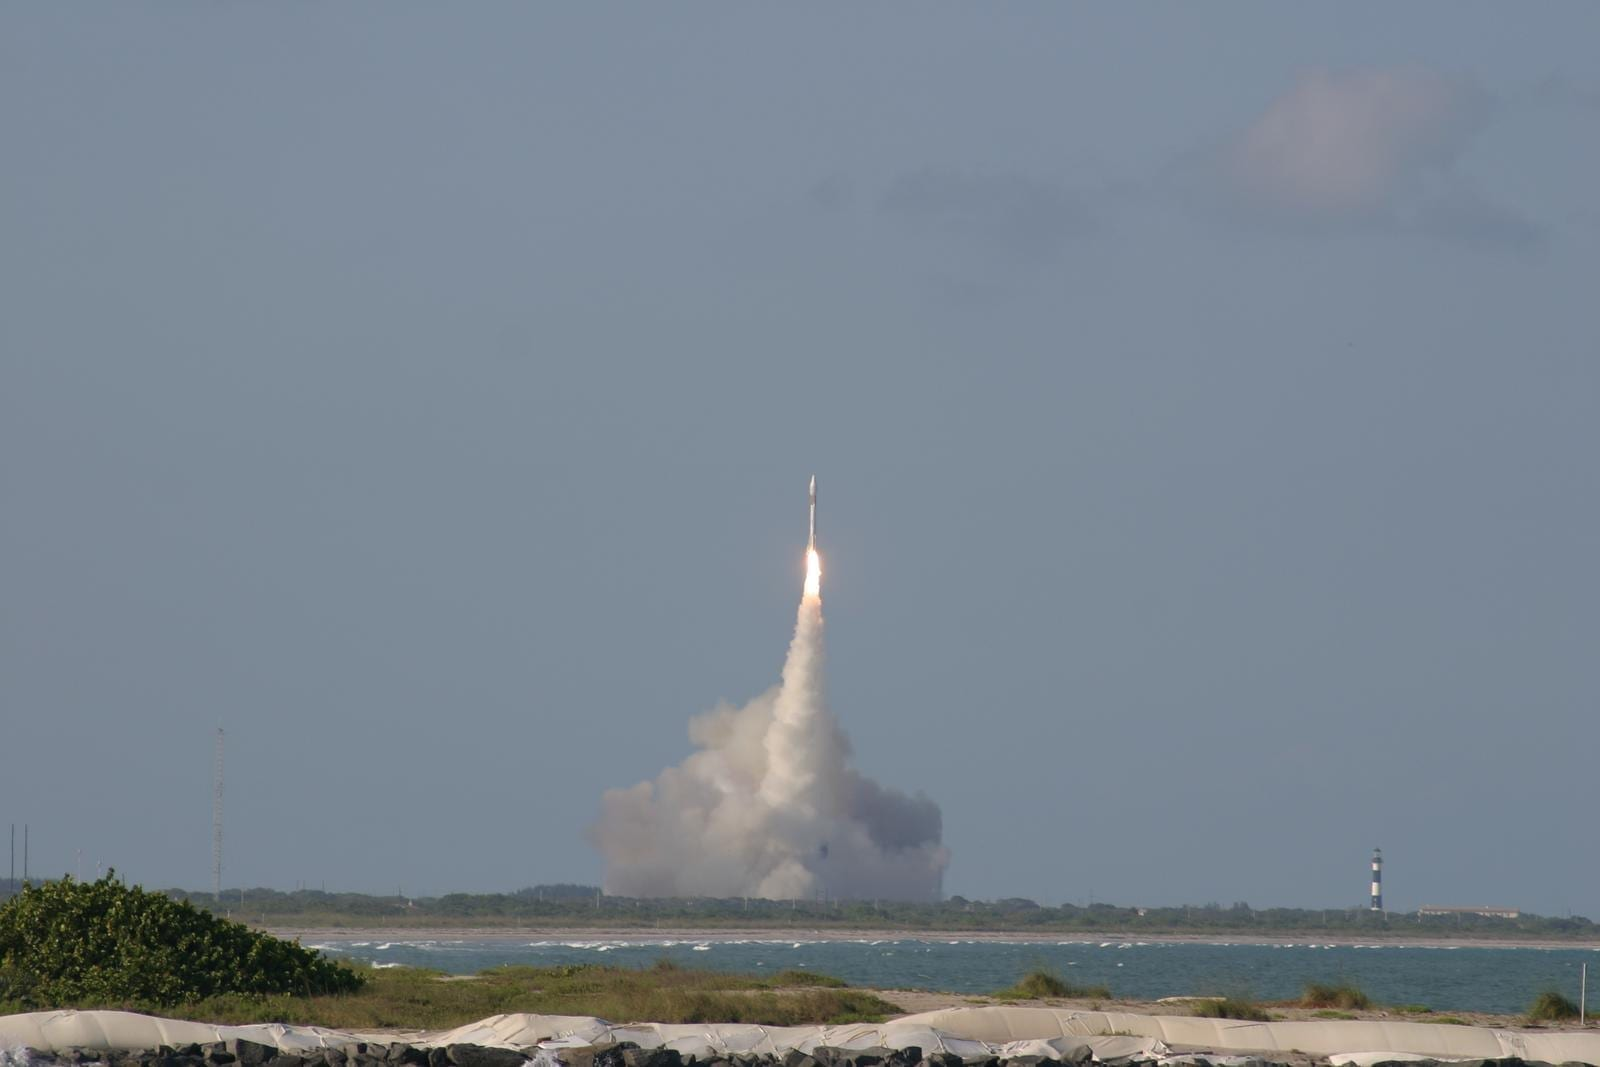 Lanzamiento del cohete Atlas al espacio desde Cabo Cañaveral (mayo de 2004) Cabo Cañaveral Estados Unidos